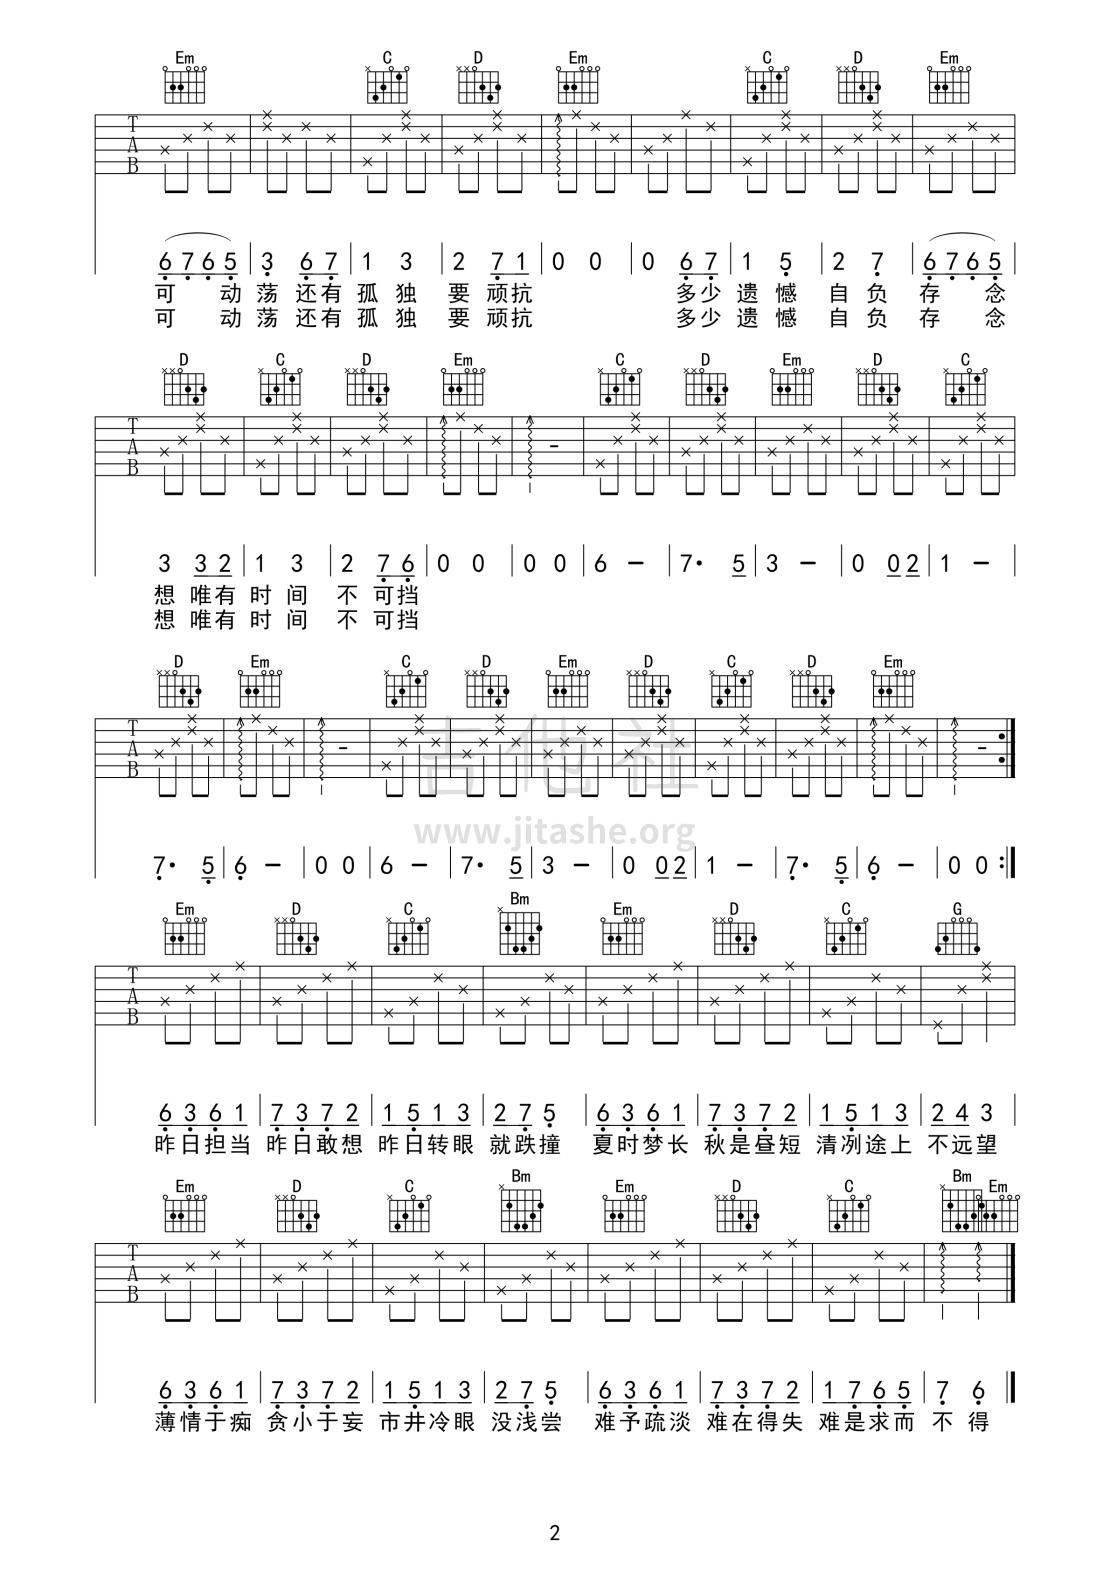 一如少年模样吉他谱(图片谱,弹唱,solo,简单版)_陈鸿宇_一如少年模样02.png